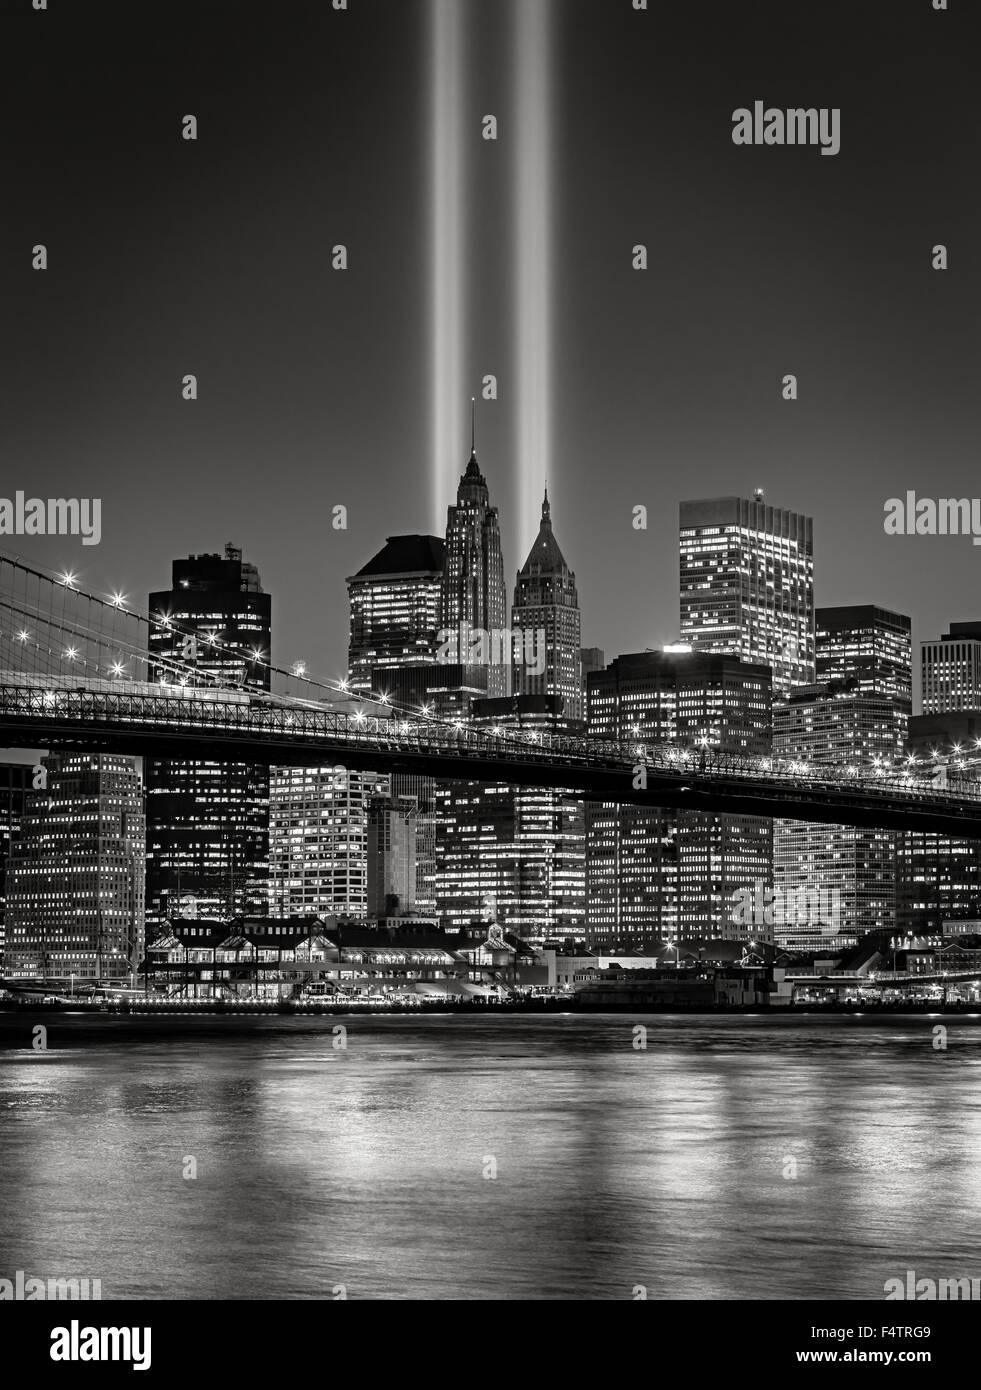 L'hommage rendu à la lumière, dans le Lower Manhattan illuminé avec des gratte-ciel du quartier Photo Stock